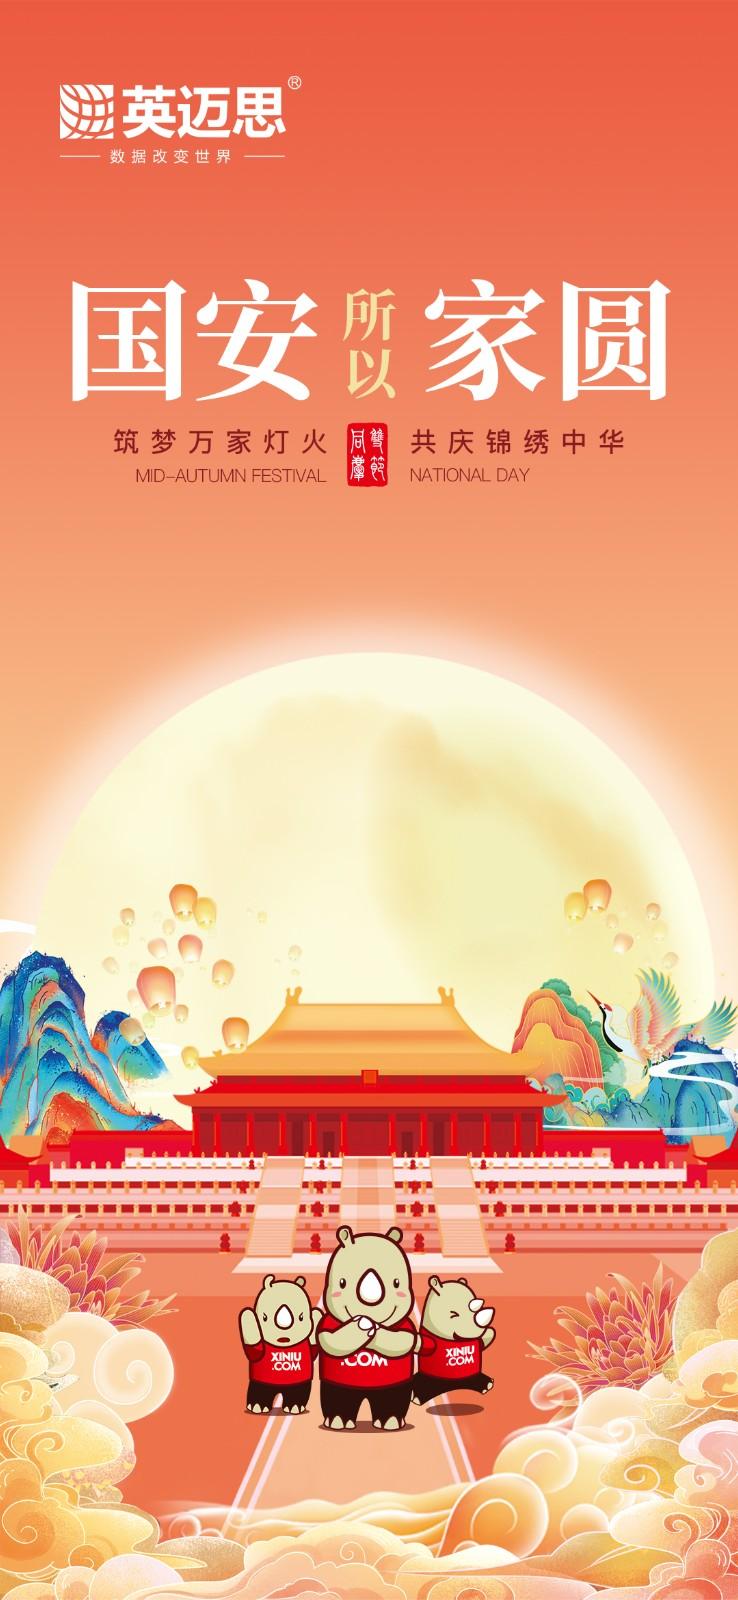 国安,所以家圆 | 英迈思2020年中秋国庆放假公告